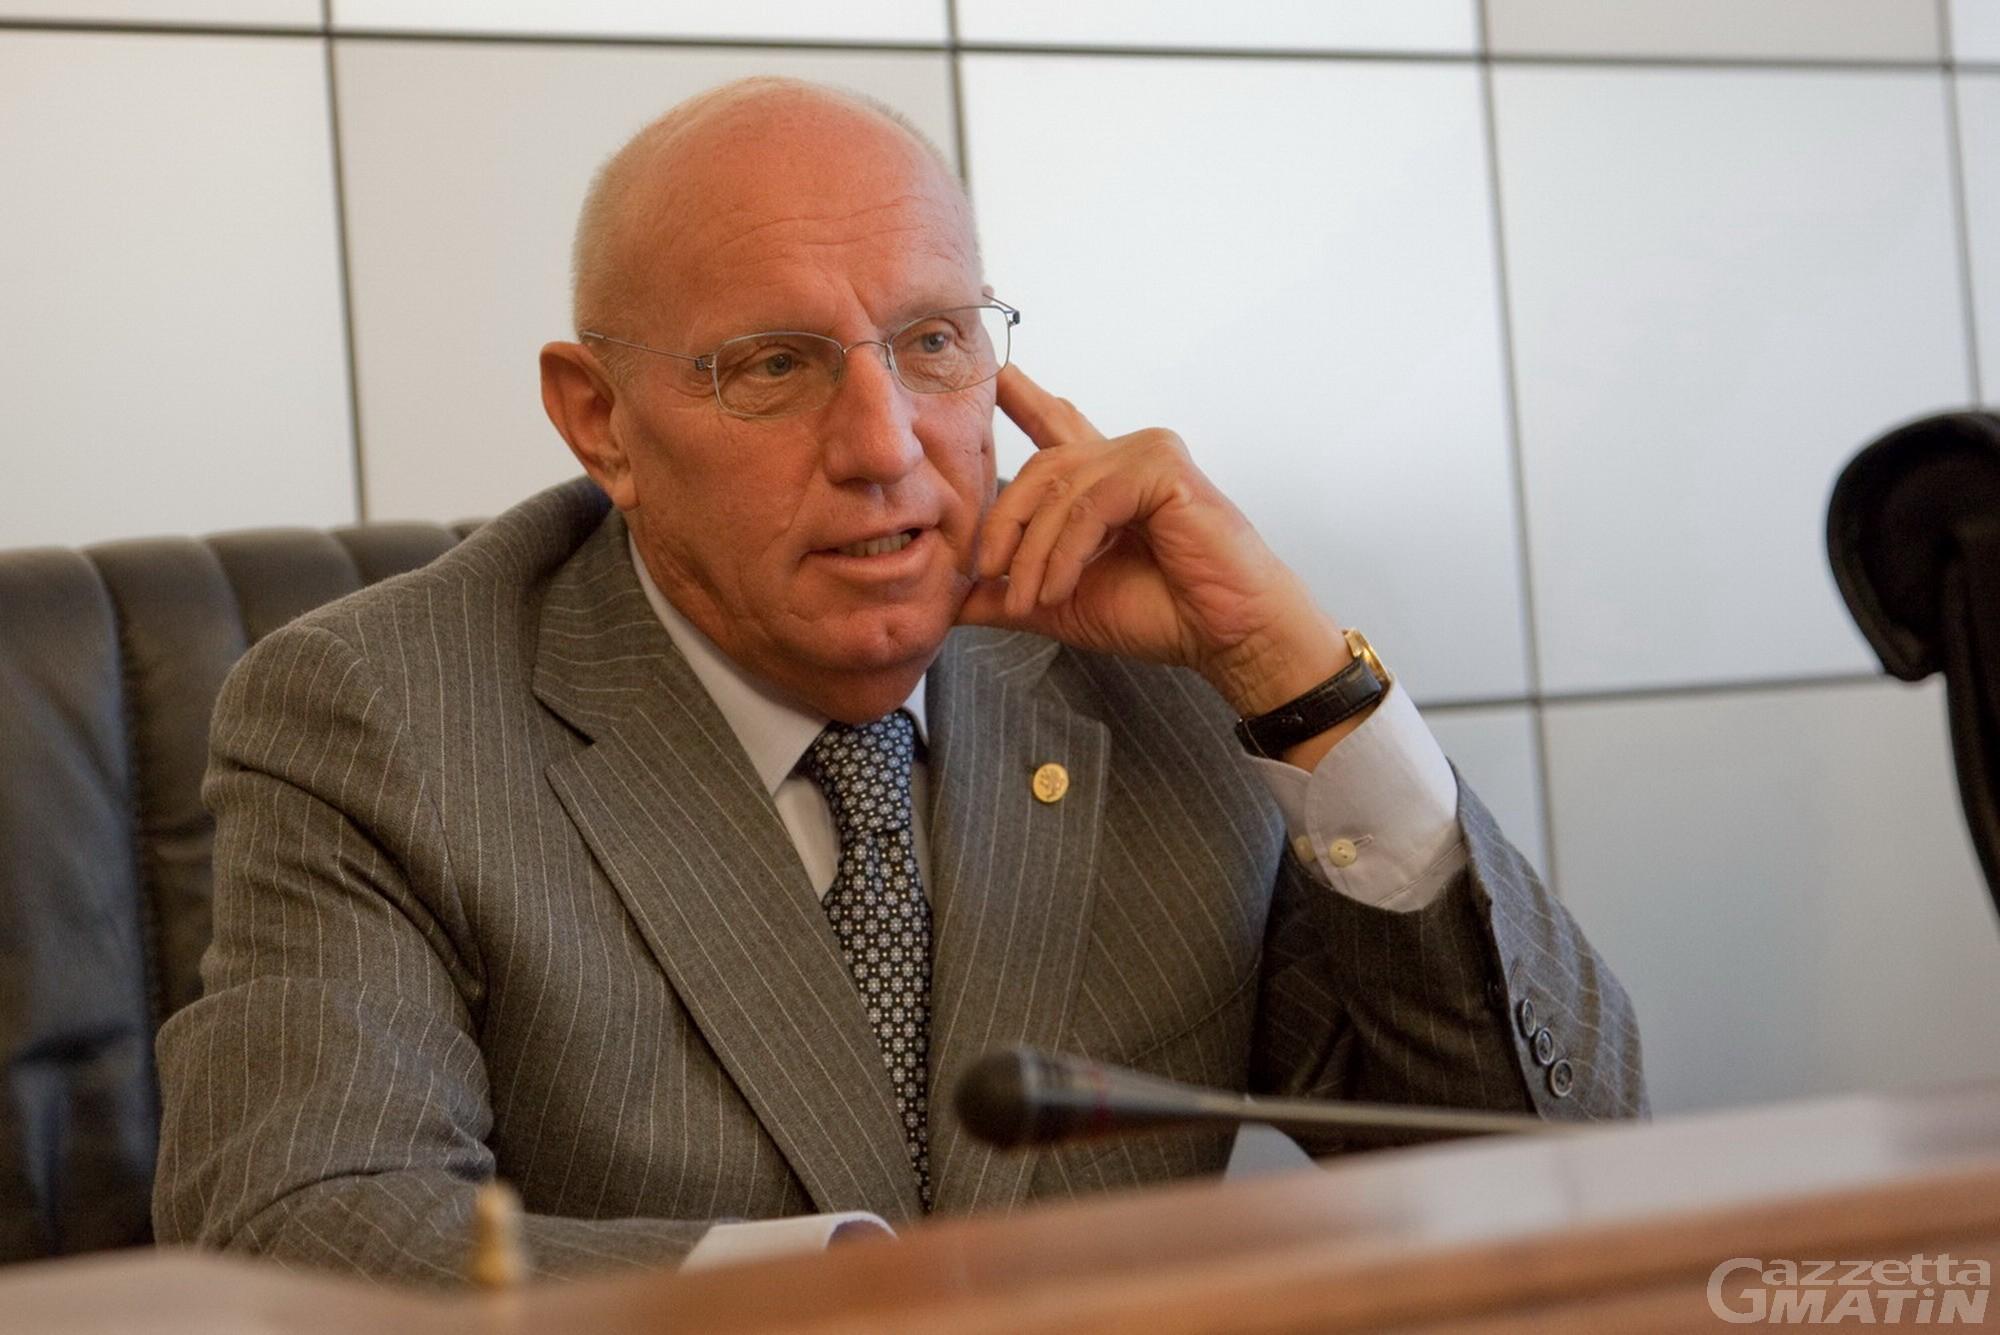 E' scomparso il presidente del Consiglio Alberto Cerise